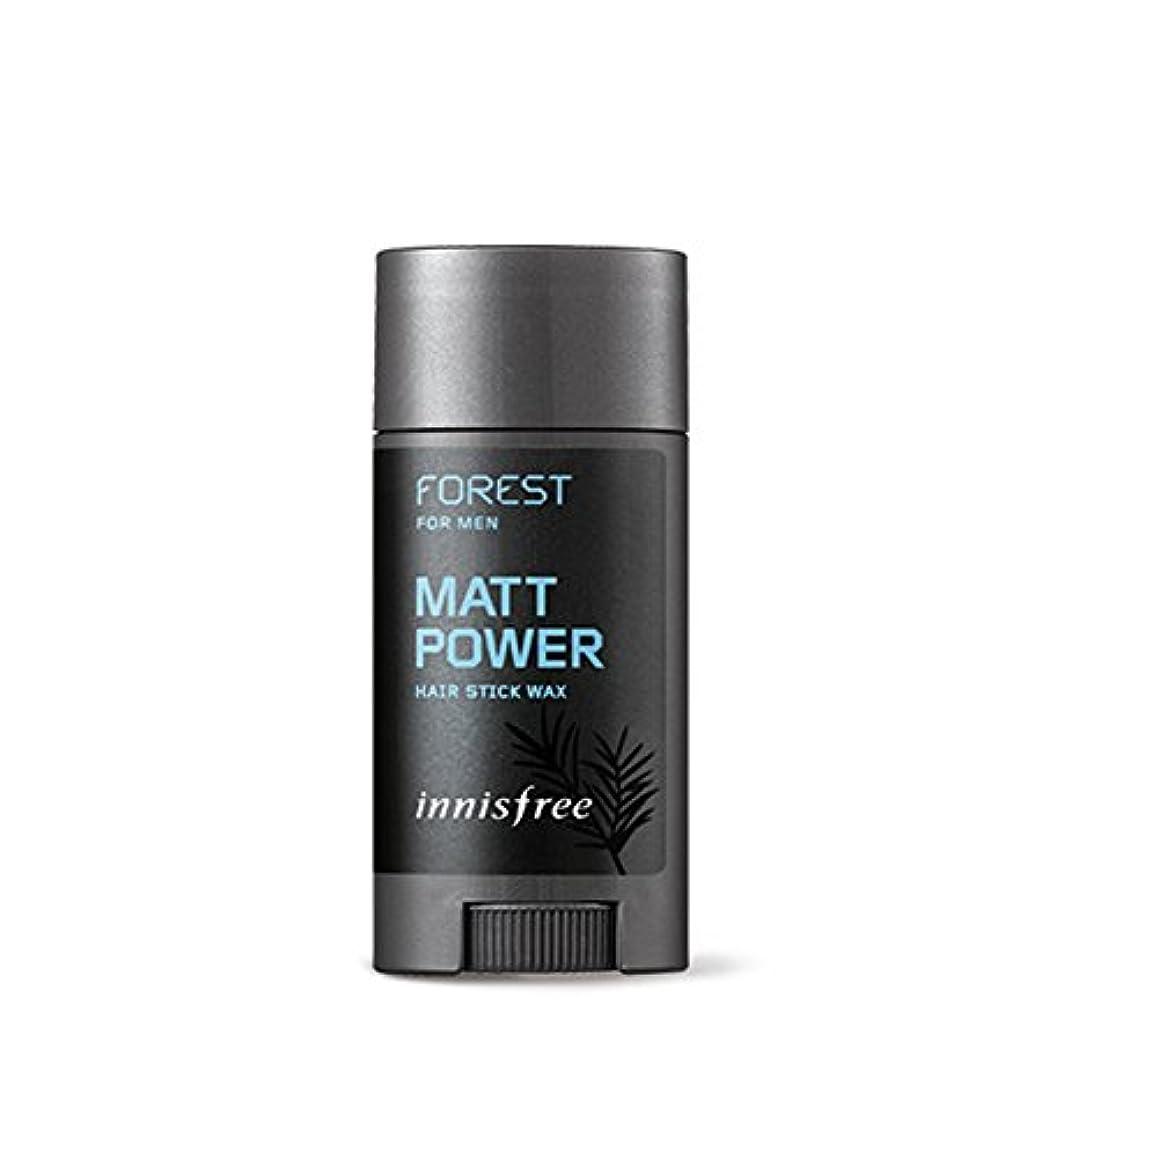 デコードする管理するインドイニスフリーフォレストメンズヘアスティックワックス、マットパワー15g / Innisfree Forest for Men Hair Stick Wax, Matt Power 15g [並行輸入品][海外直送品]